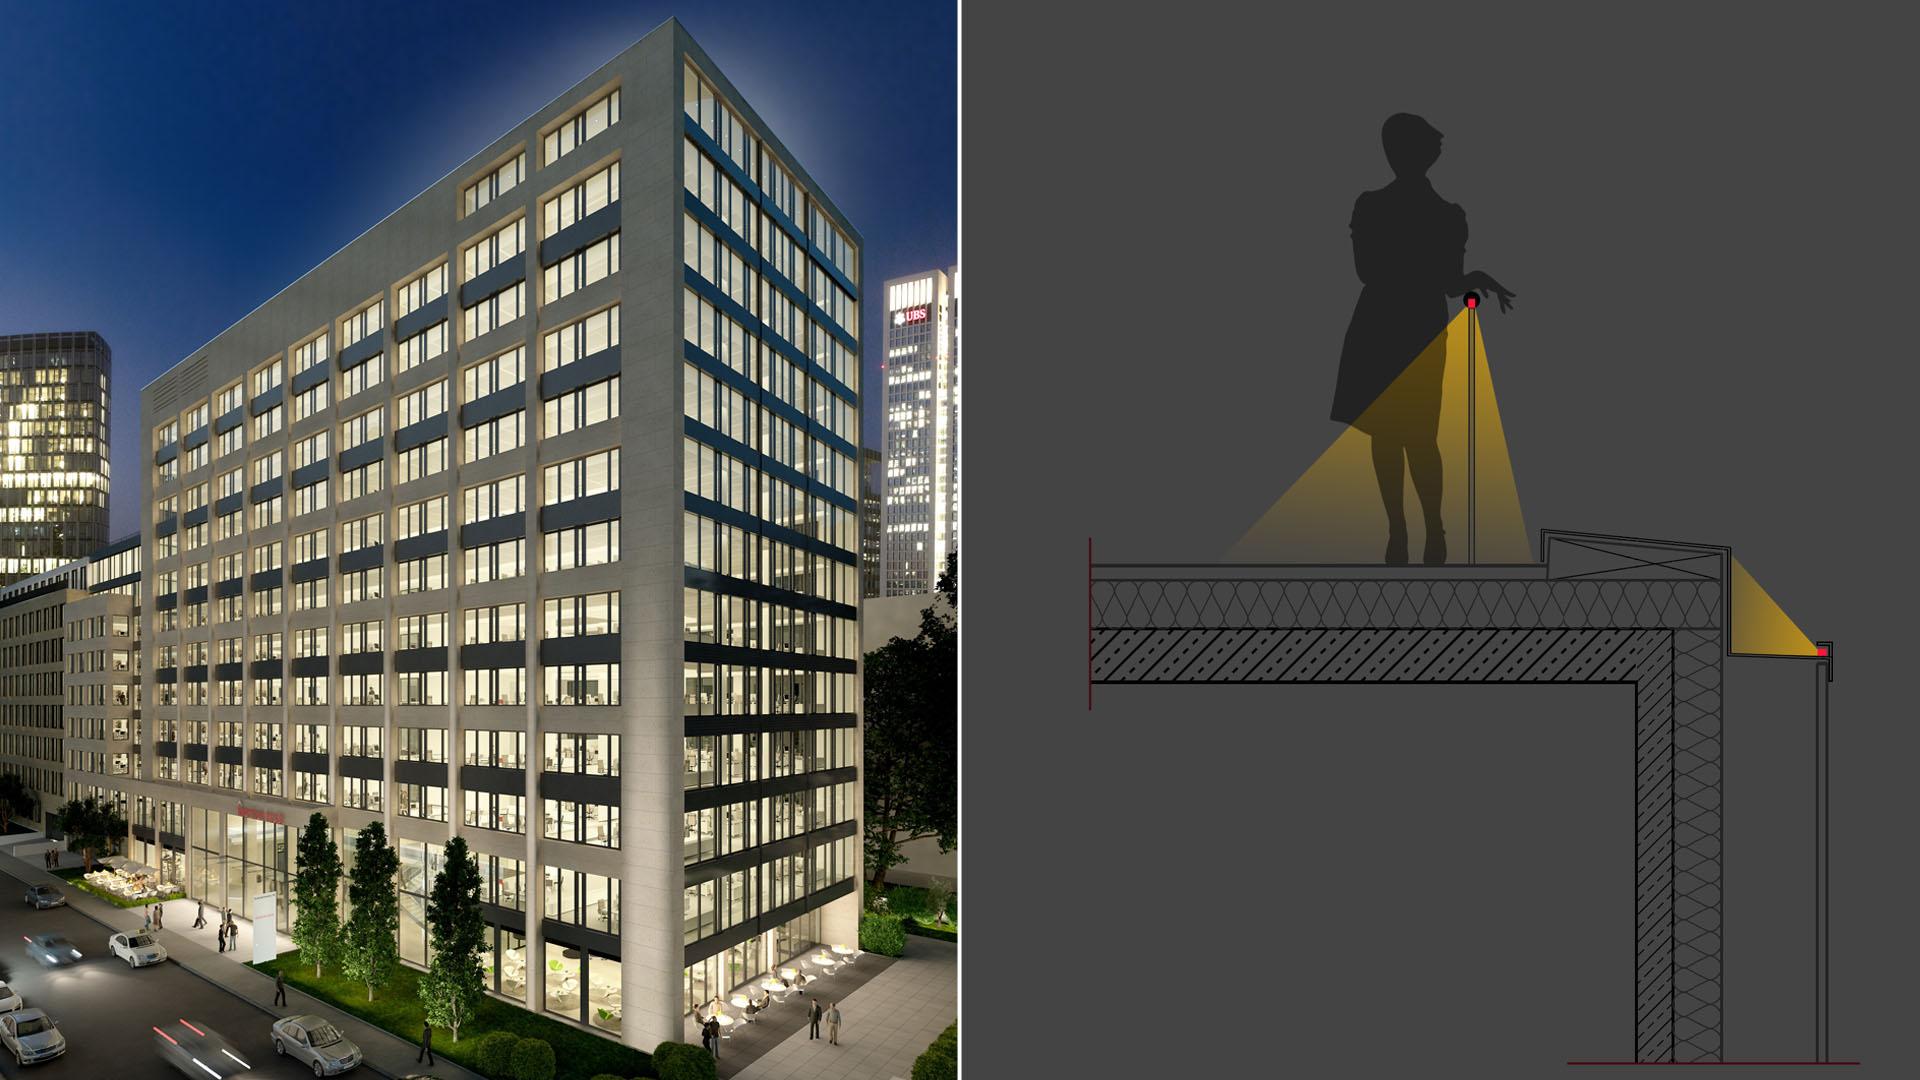 MAASS-Lichtplanung_Beleuchtungskonzept Bürotower__MAASS-U30-001